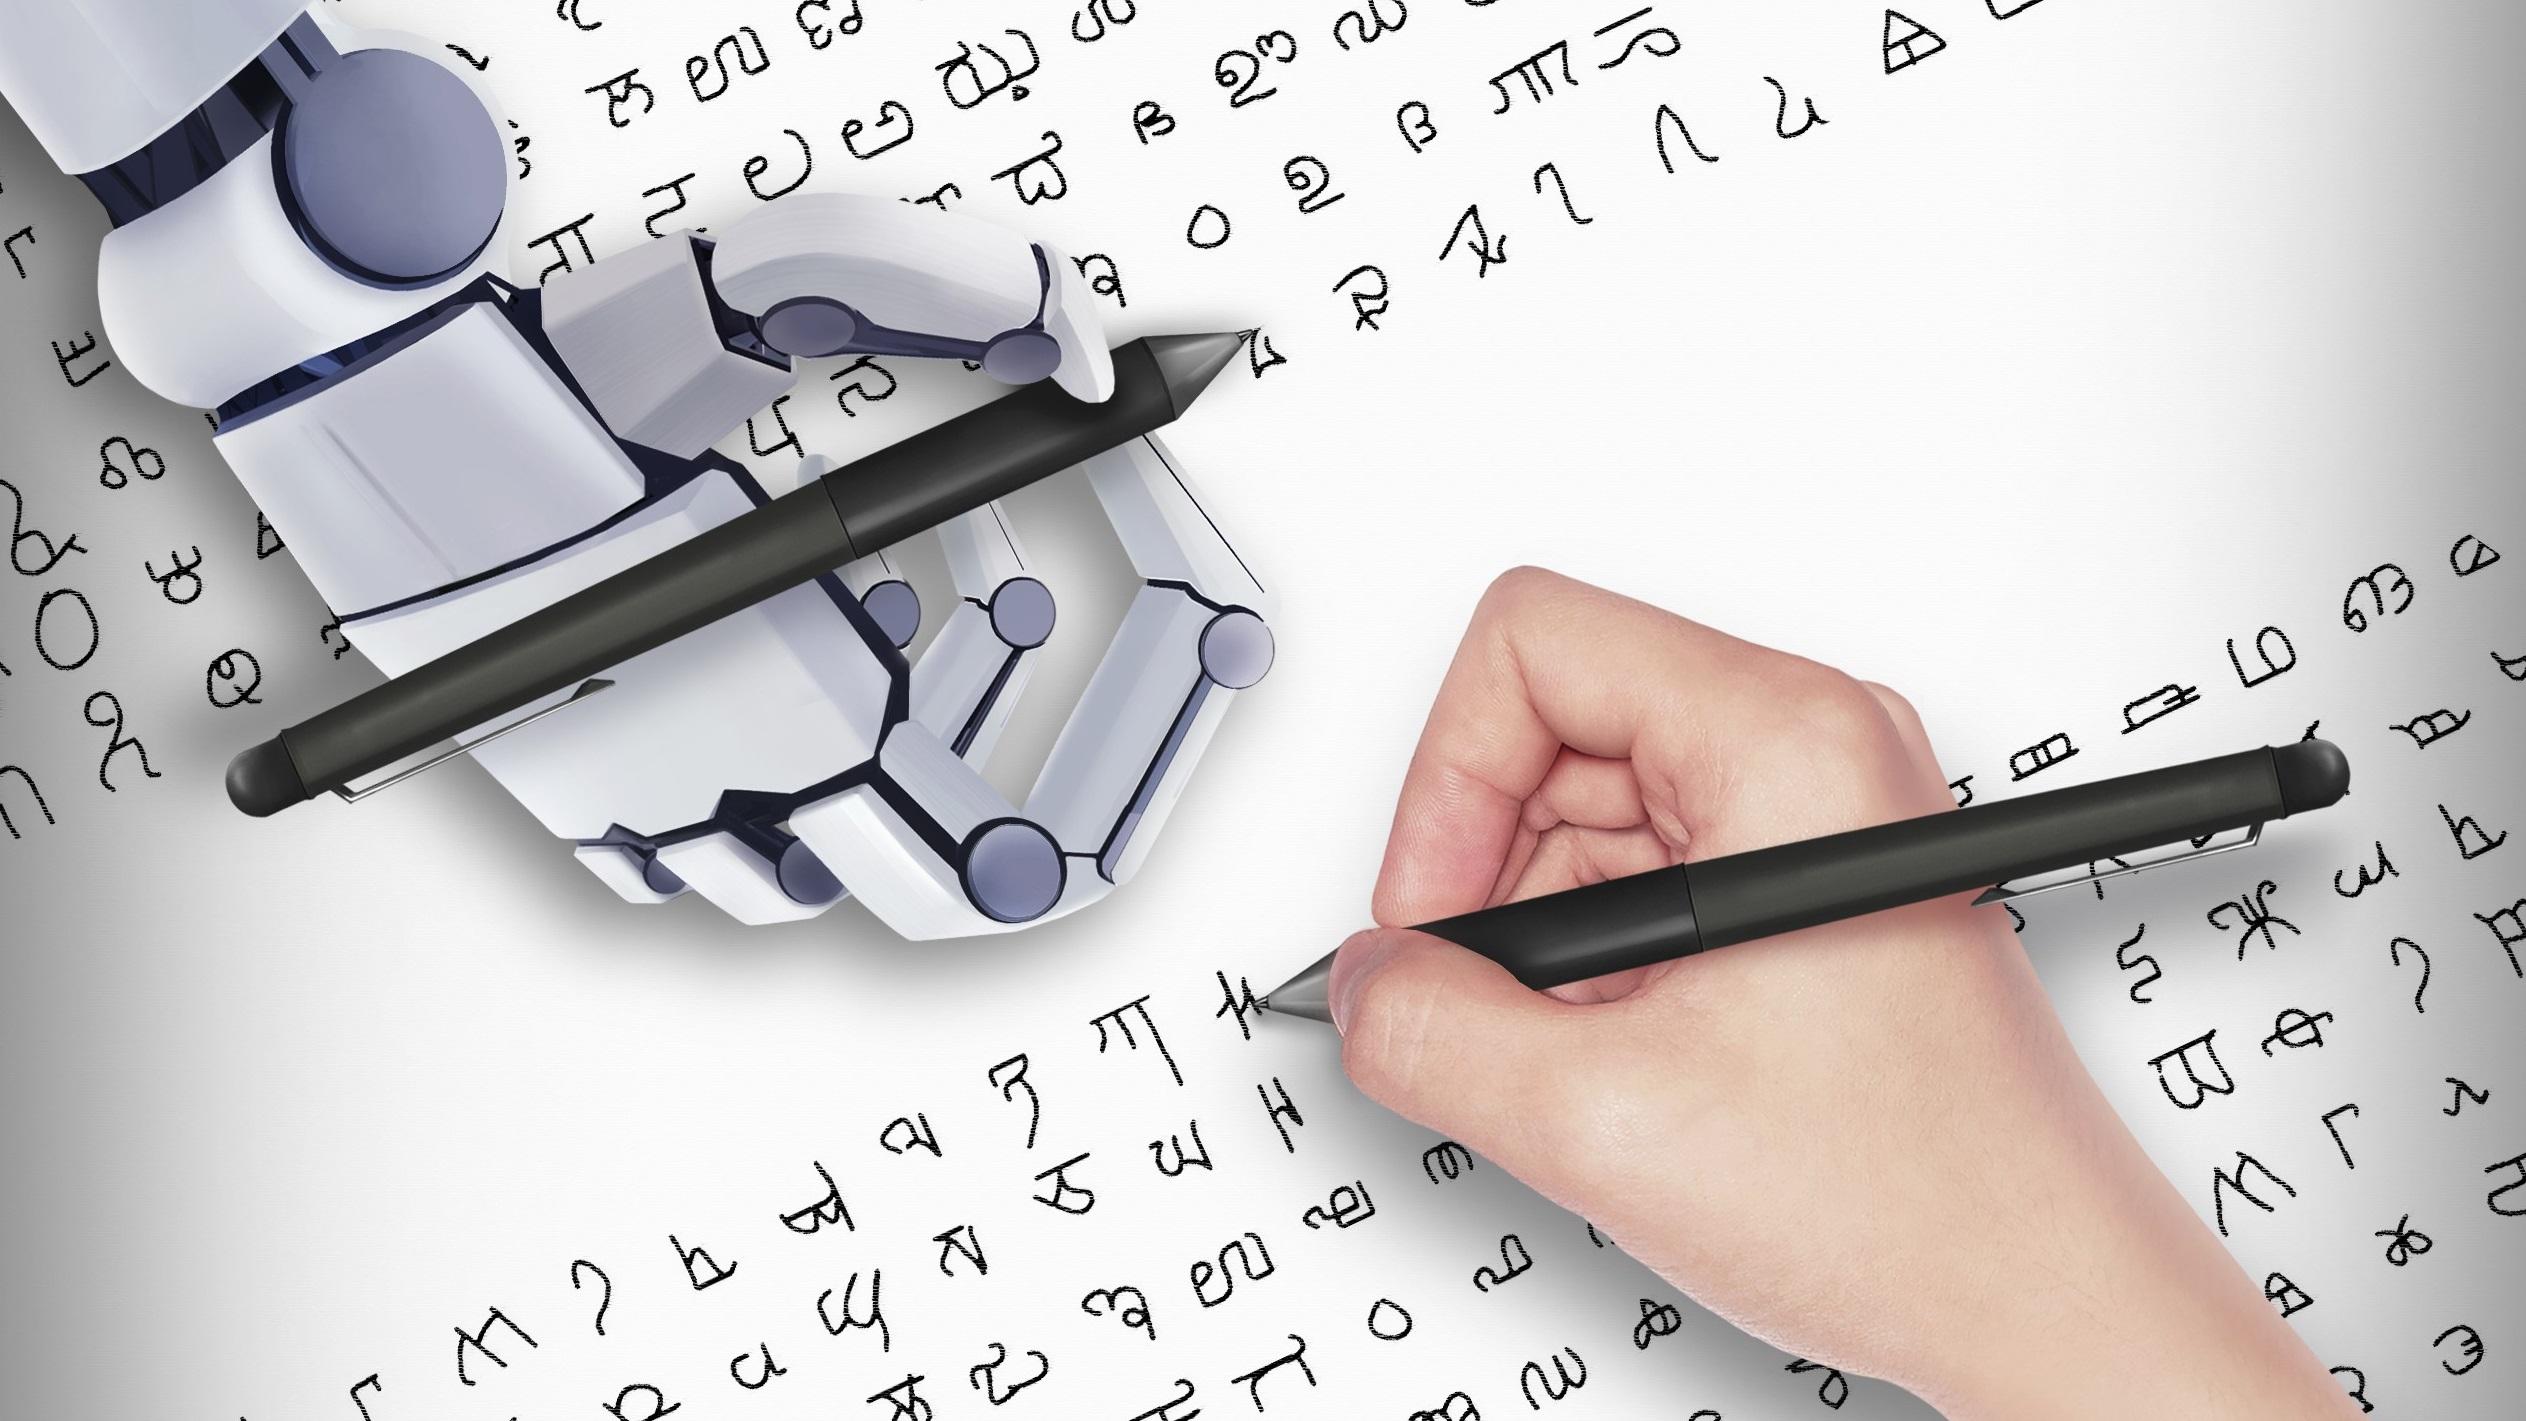 Inteligência artificial aprende a escrever feito gente e engana humanos